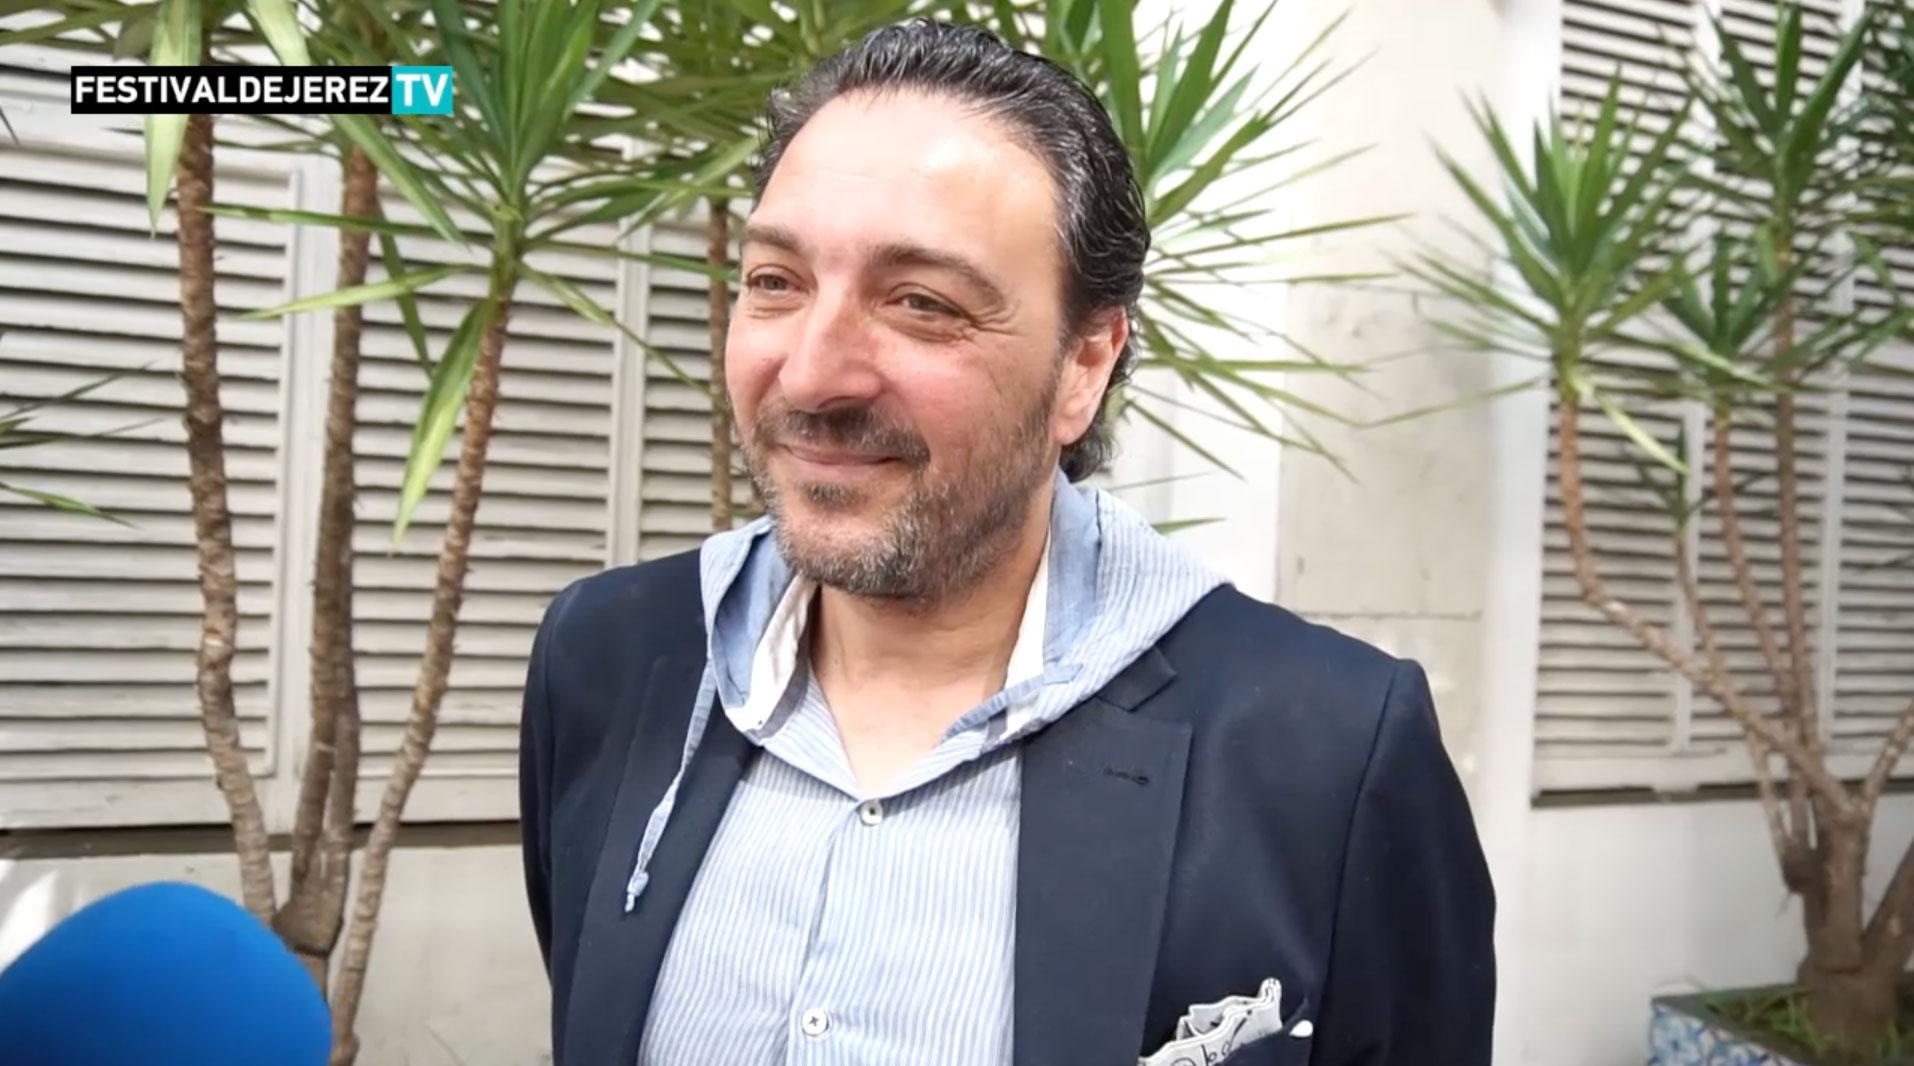 Antonio El Pipa quiere volver a sentirse bailaor flamenco en 'Estirpe'